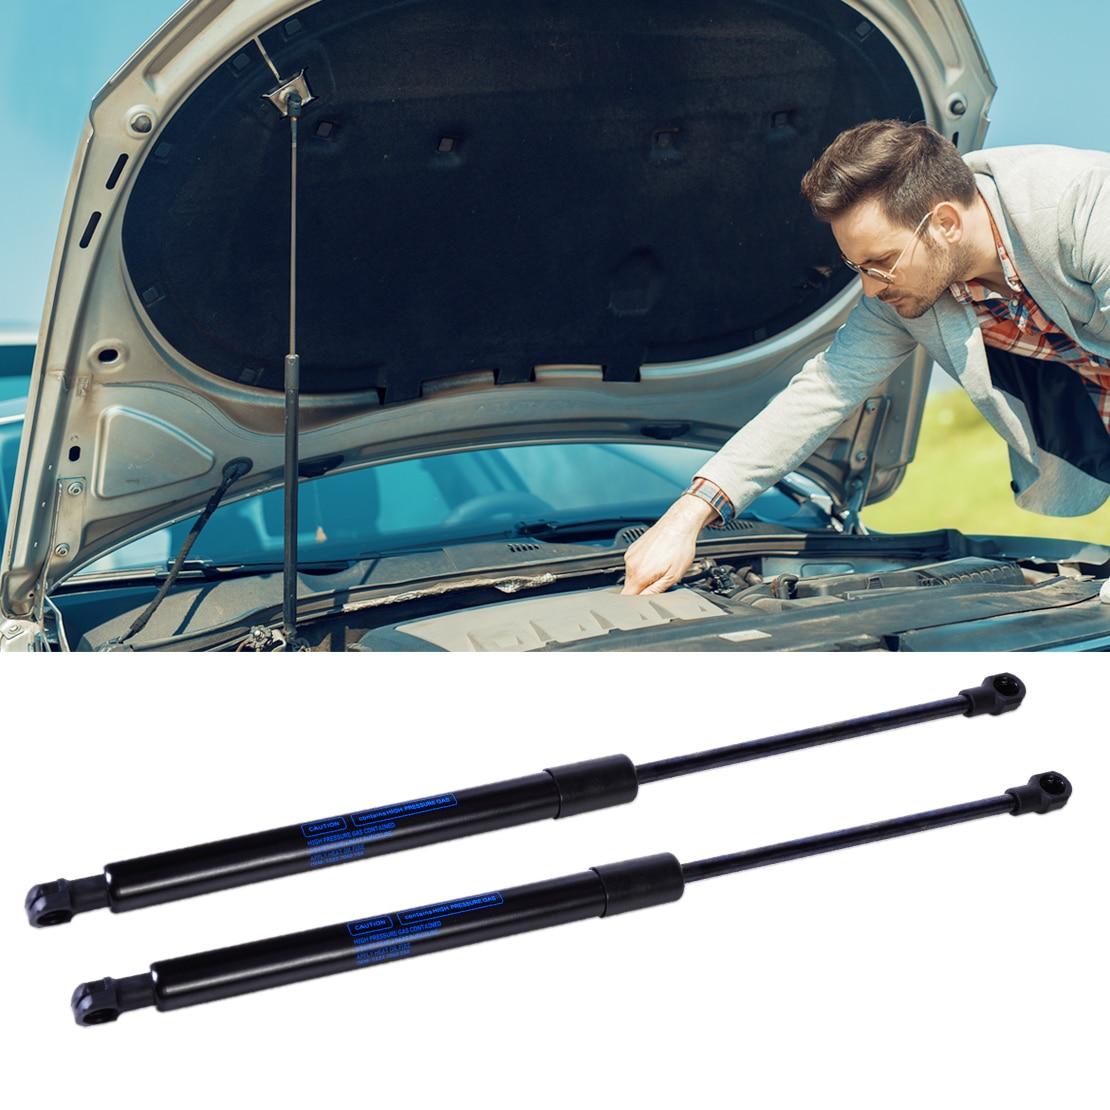 beler Front Hood Lift Shock Damper Gas Pressurized Support Strut Lid 51237060550 for BMW E90 E91 2006 2007 2008 2009 2010 2011 2qty front hood lift support strut spring rod for mercedes benz cls500 cls55